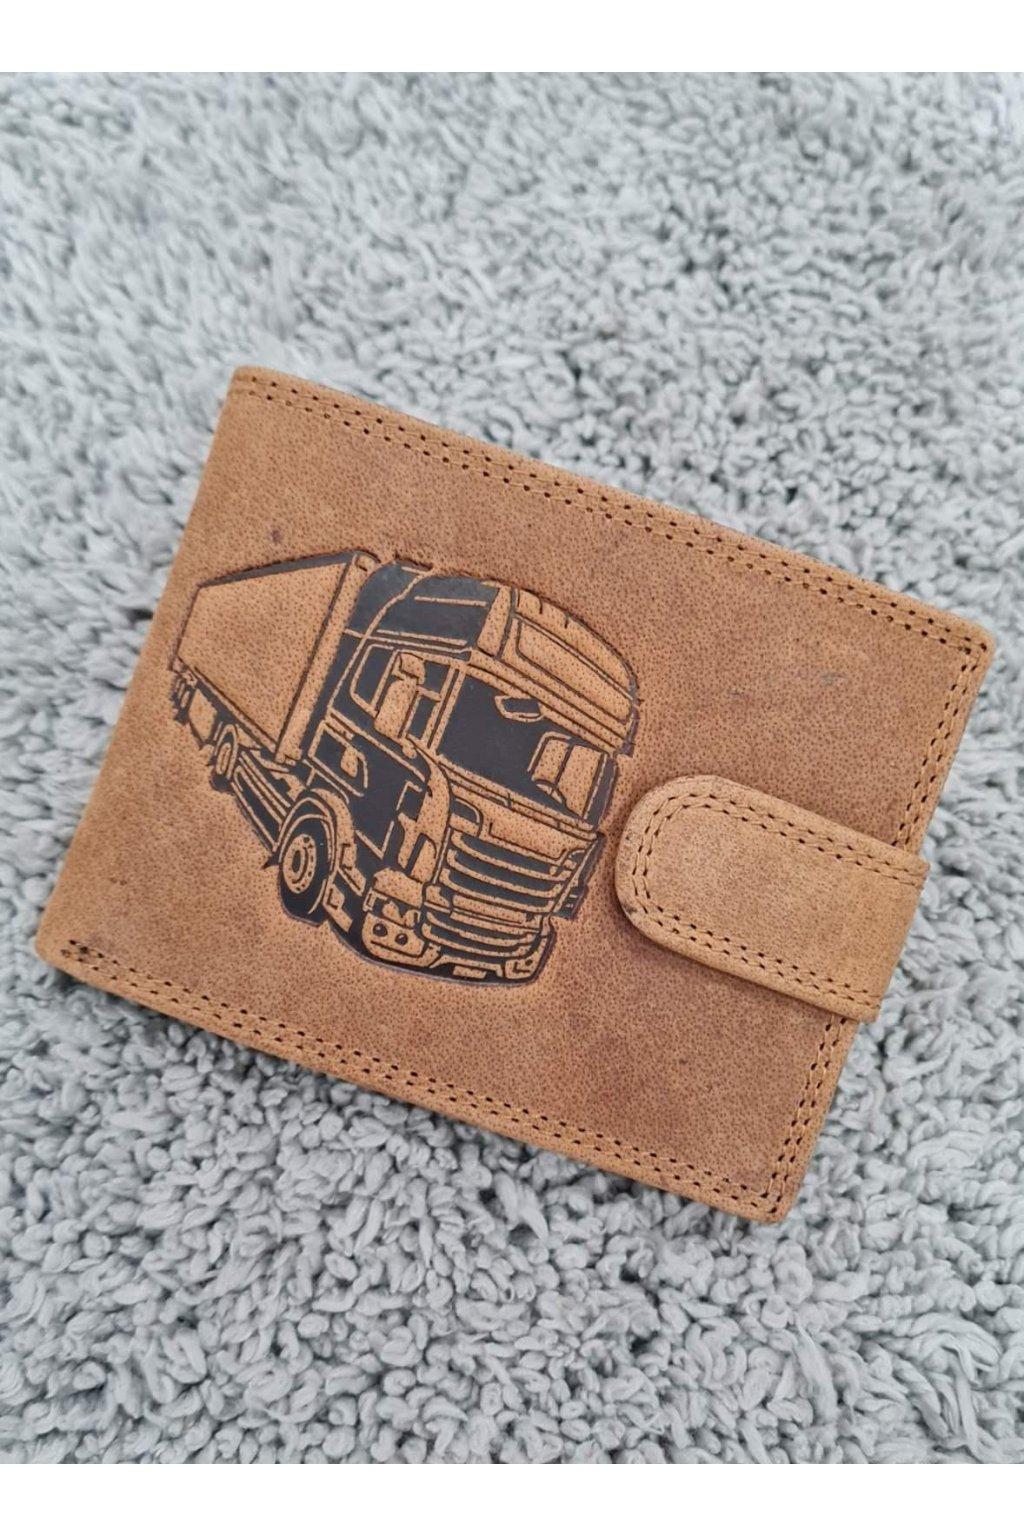 Pánská kožená peněženka s vyraženým kamionem